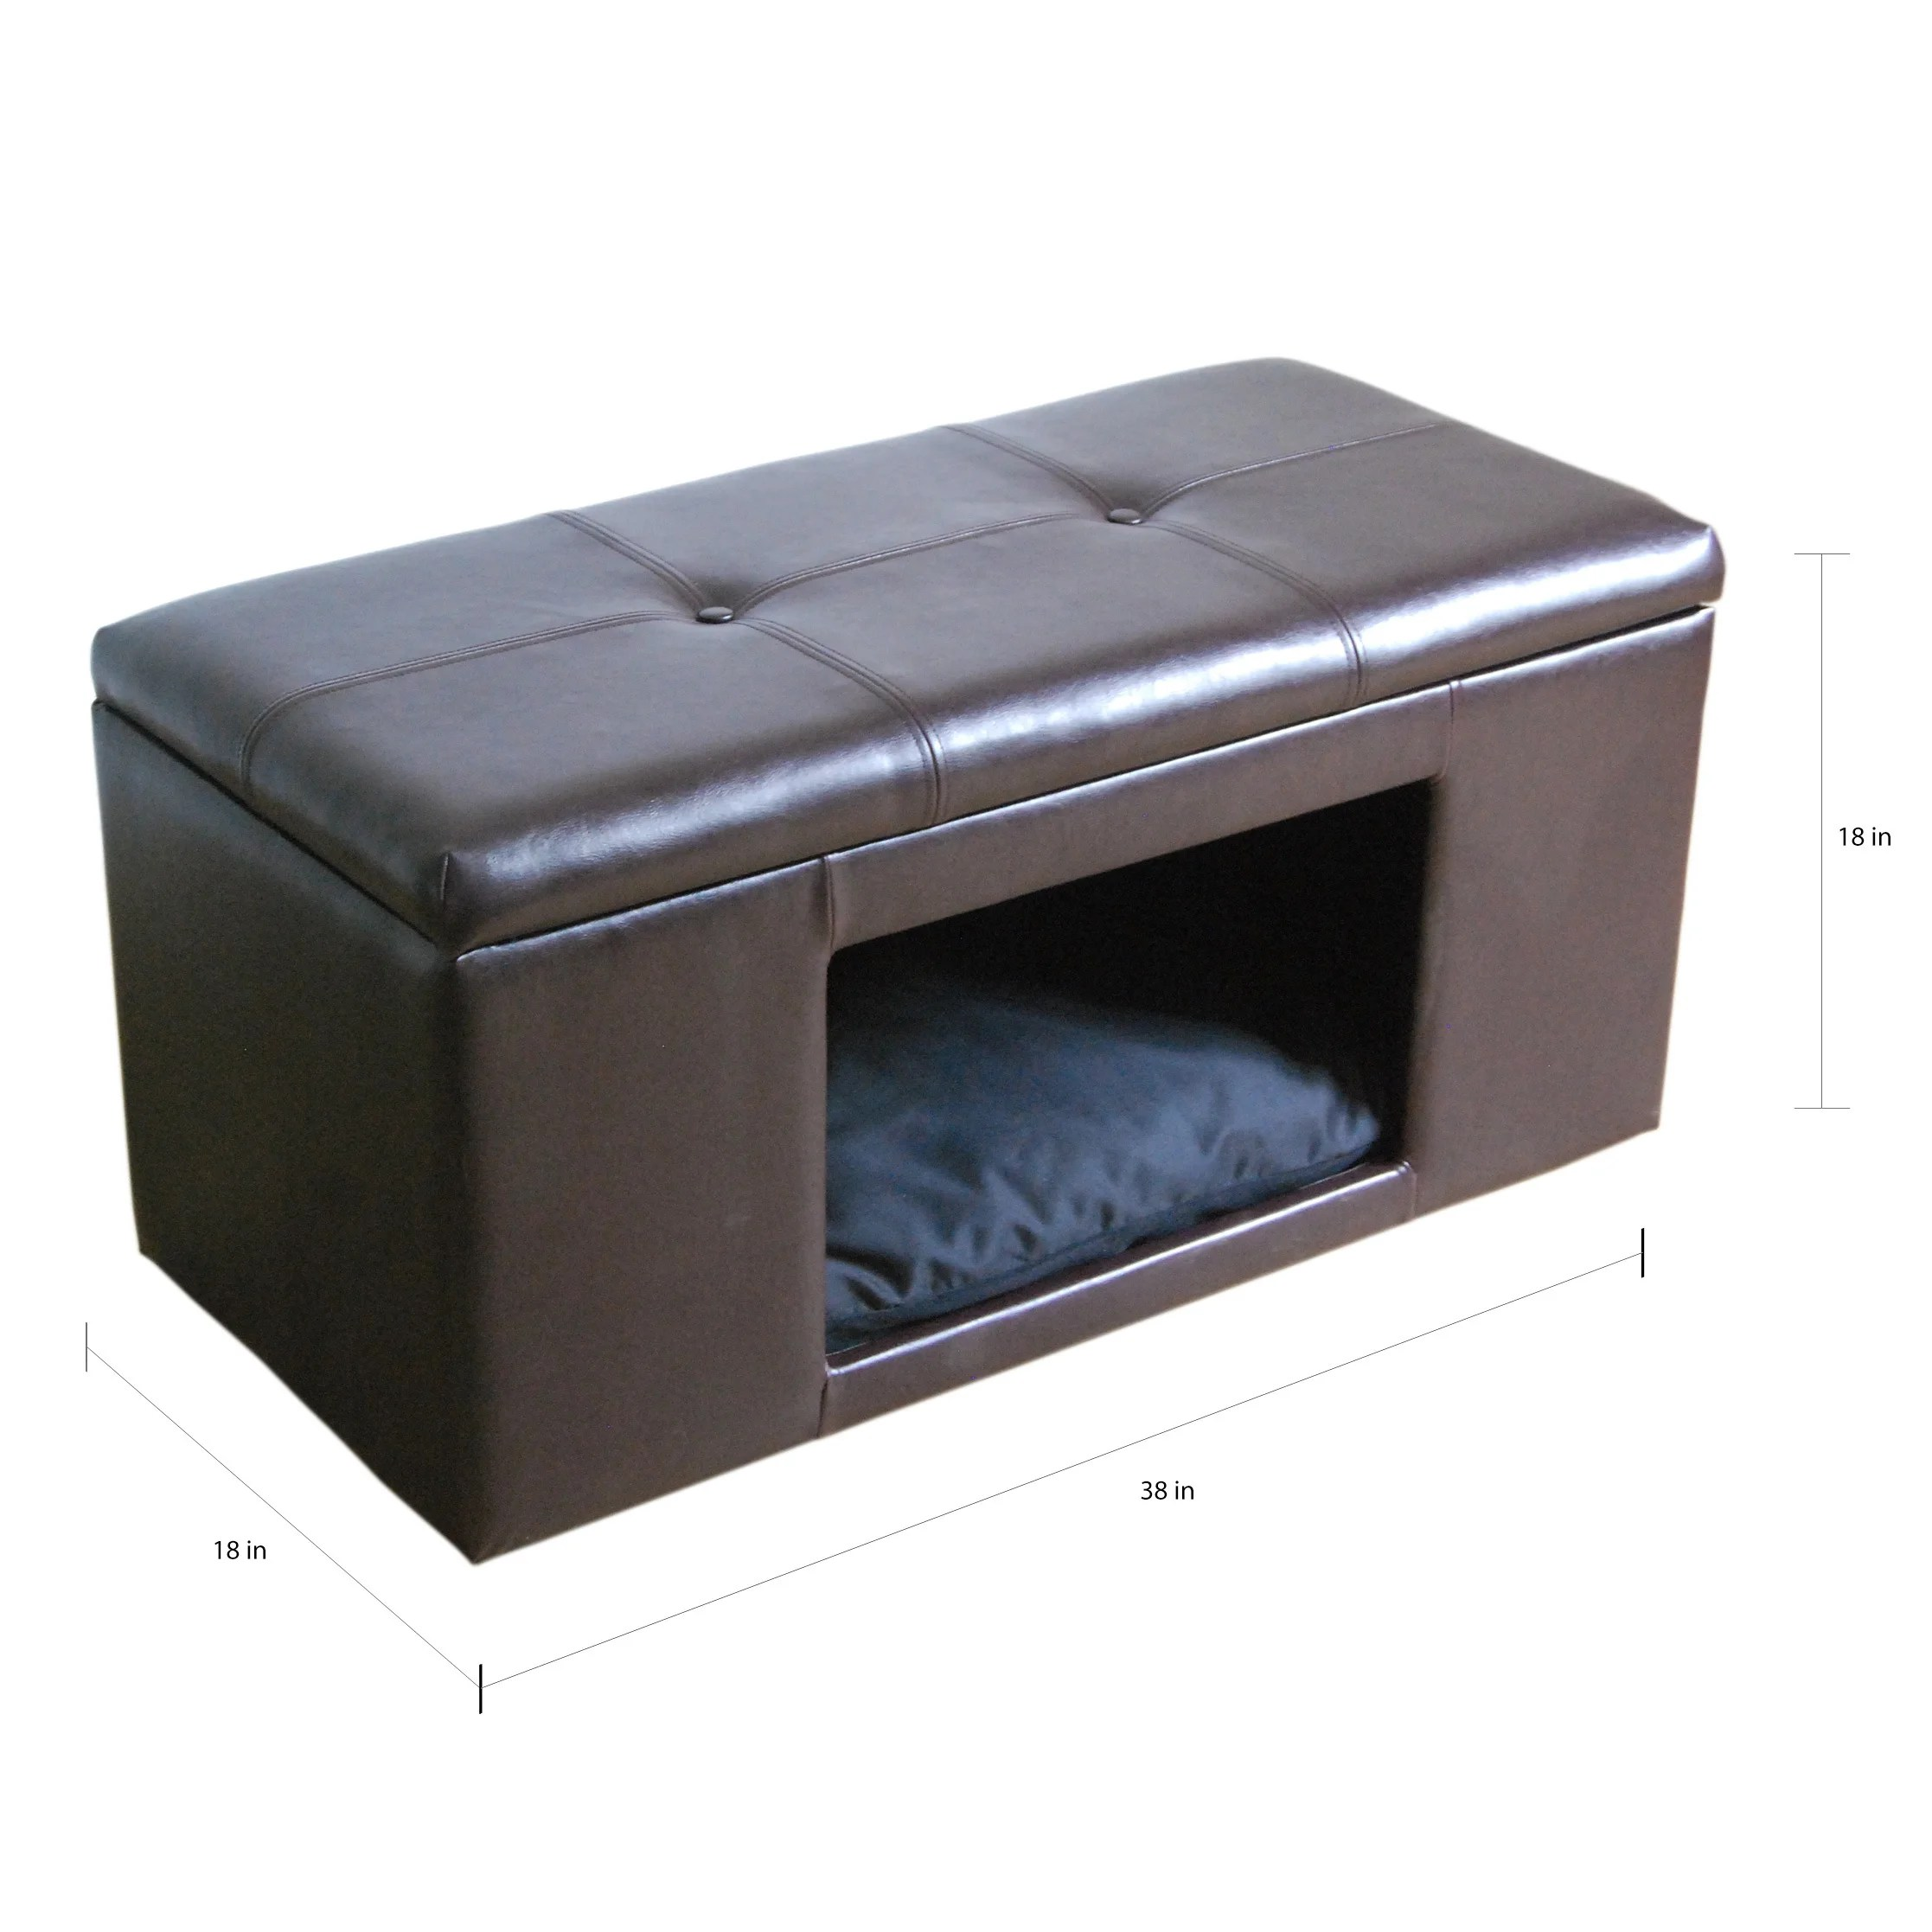 Homepop Pet Bed Bench On Sale Overstock 10035296